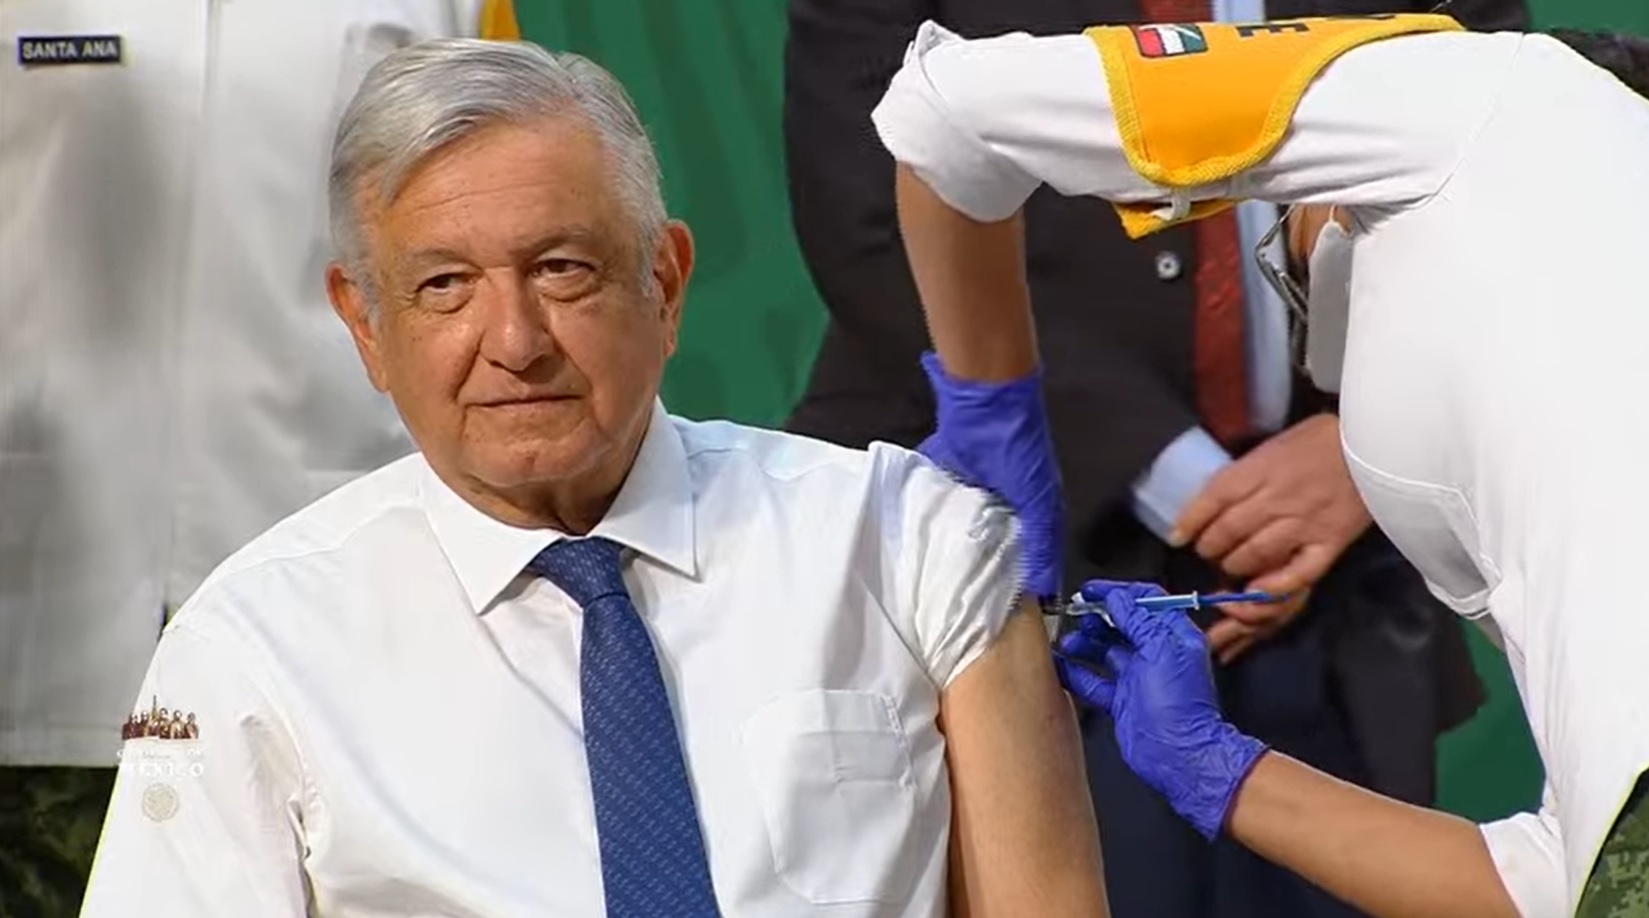 AMLO recibe vacuna contra Covid-19 con dosis de AstraZeneca